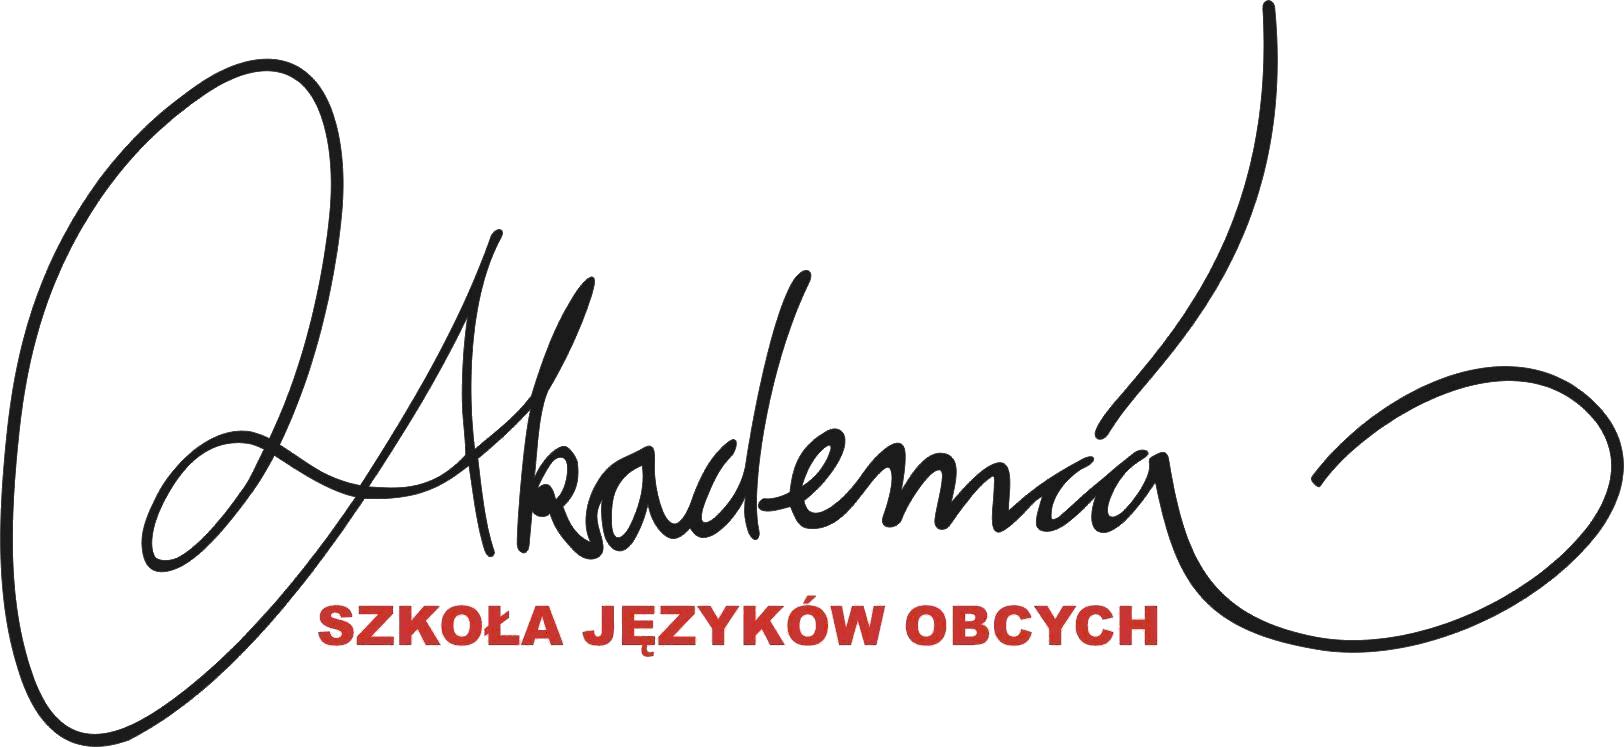 Akademia Konstancin Jeziorna